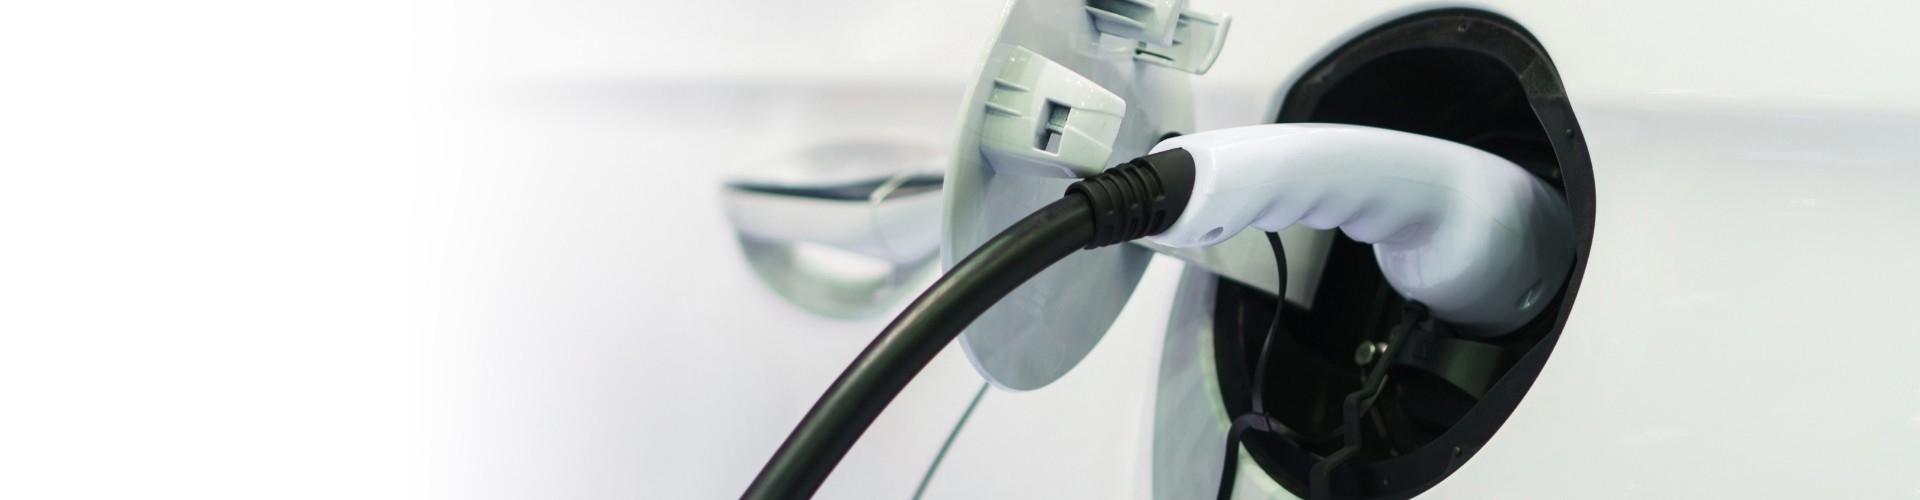 je elektrische auto opladen met een laadpaal.